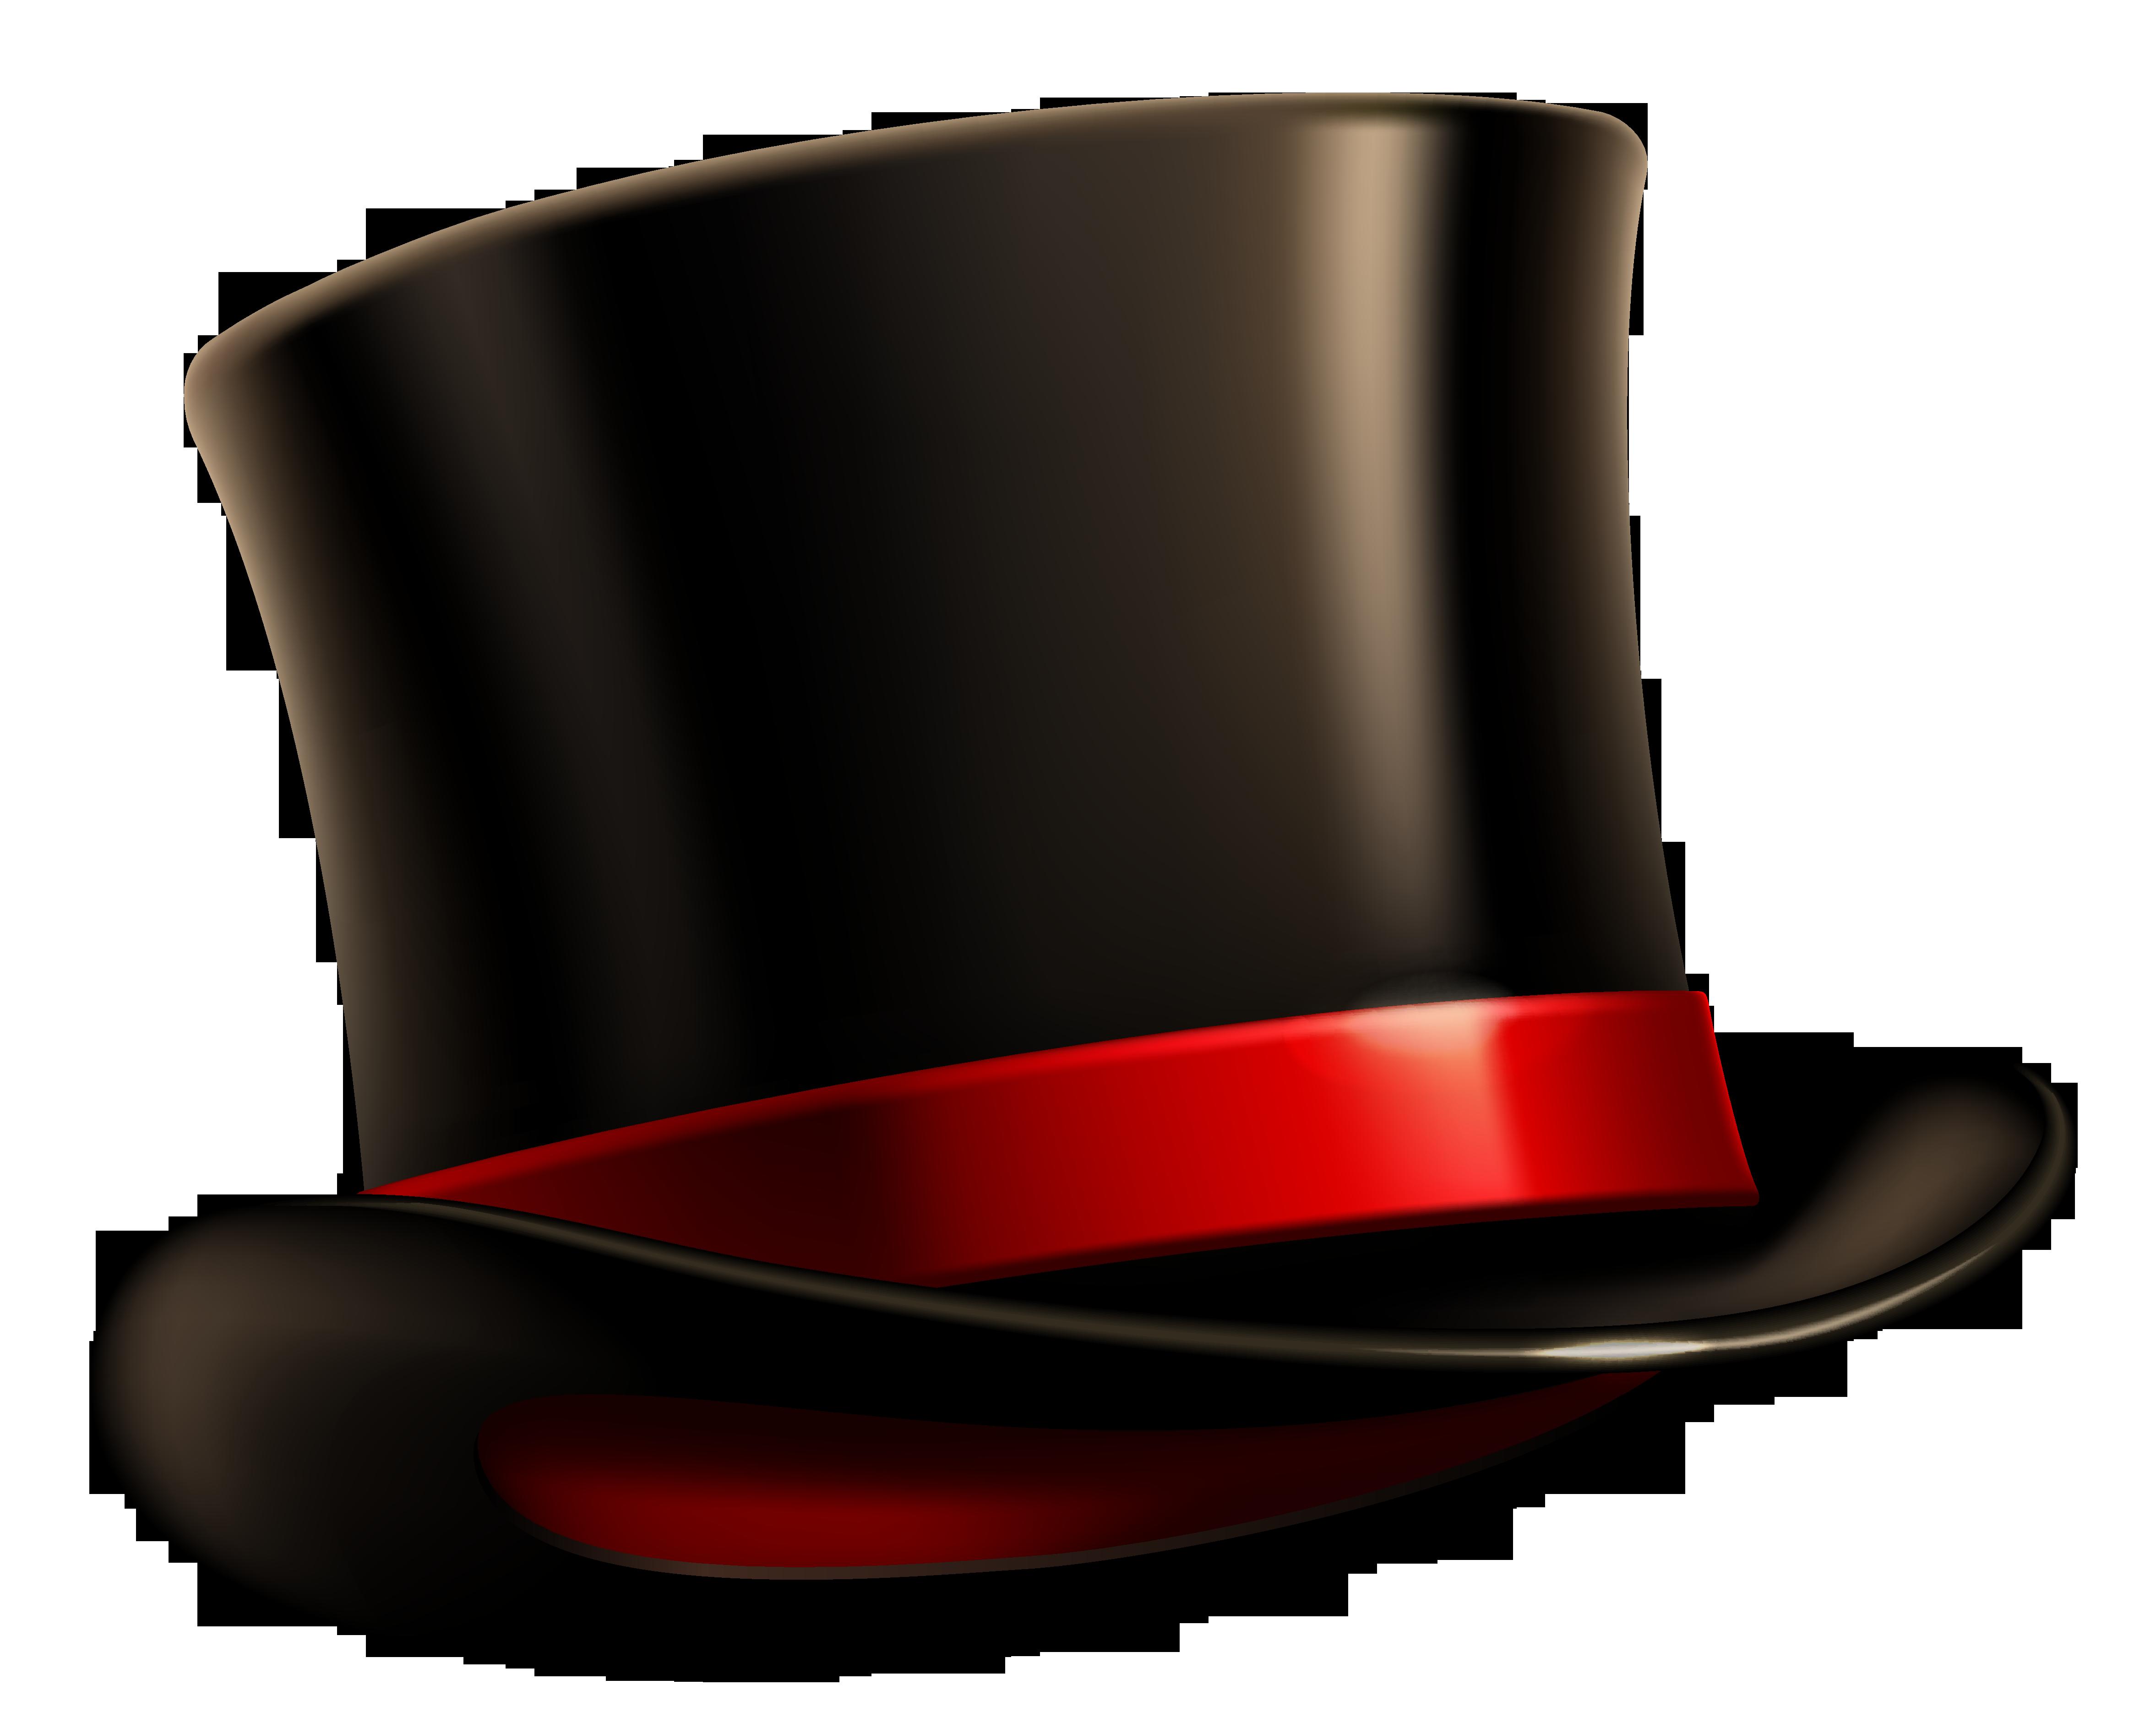 Top Hat Clip Art Cliparts Co .-Top Hat Clip Art Cliparts Co .-16